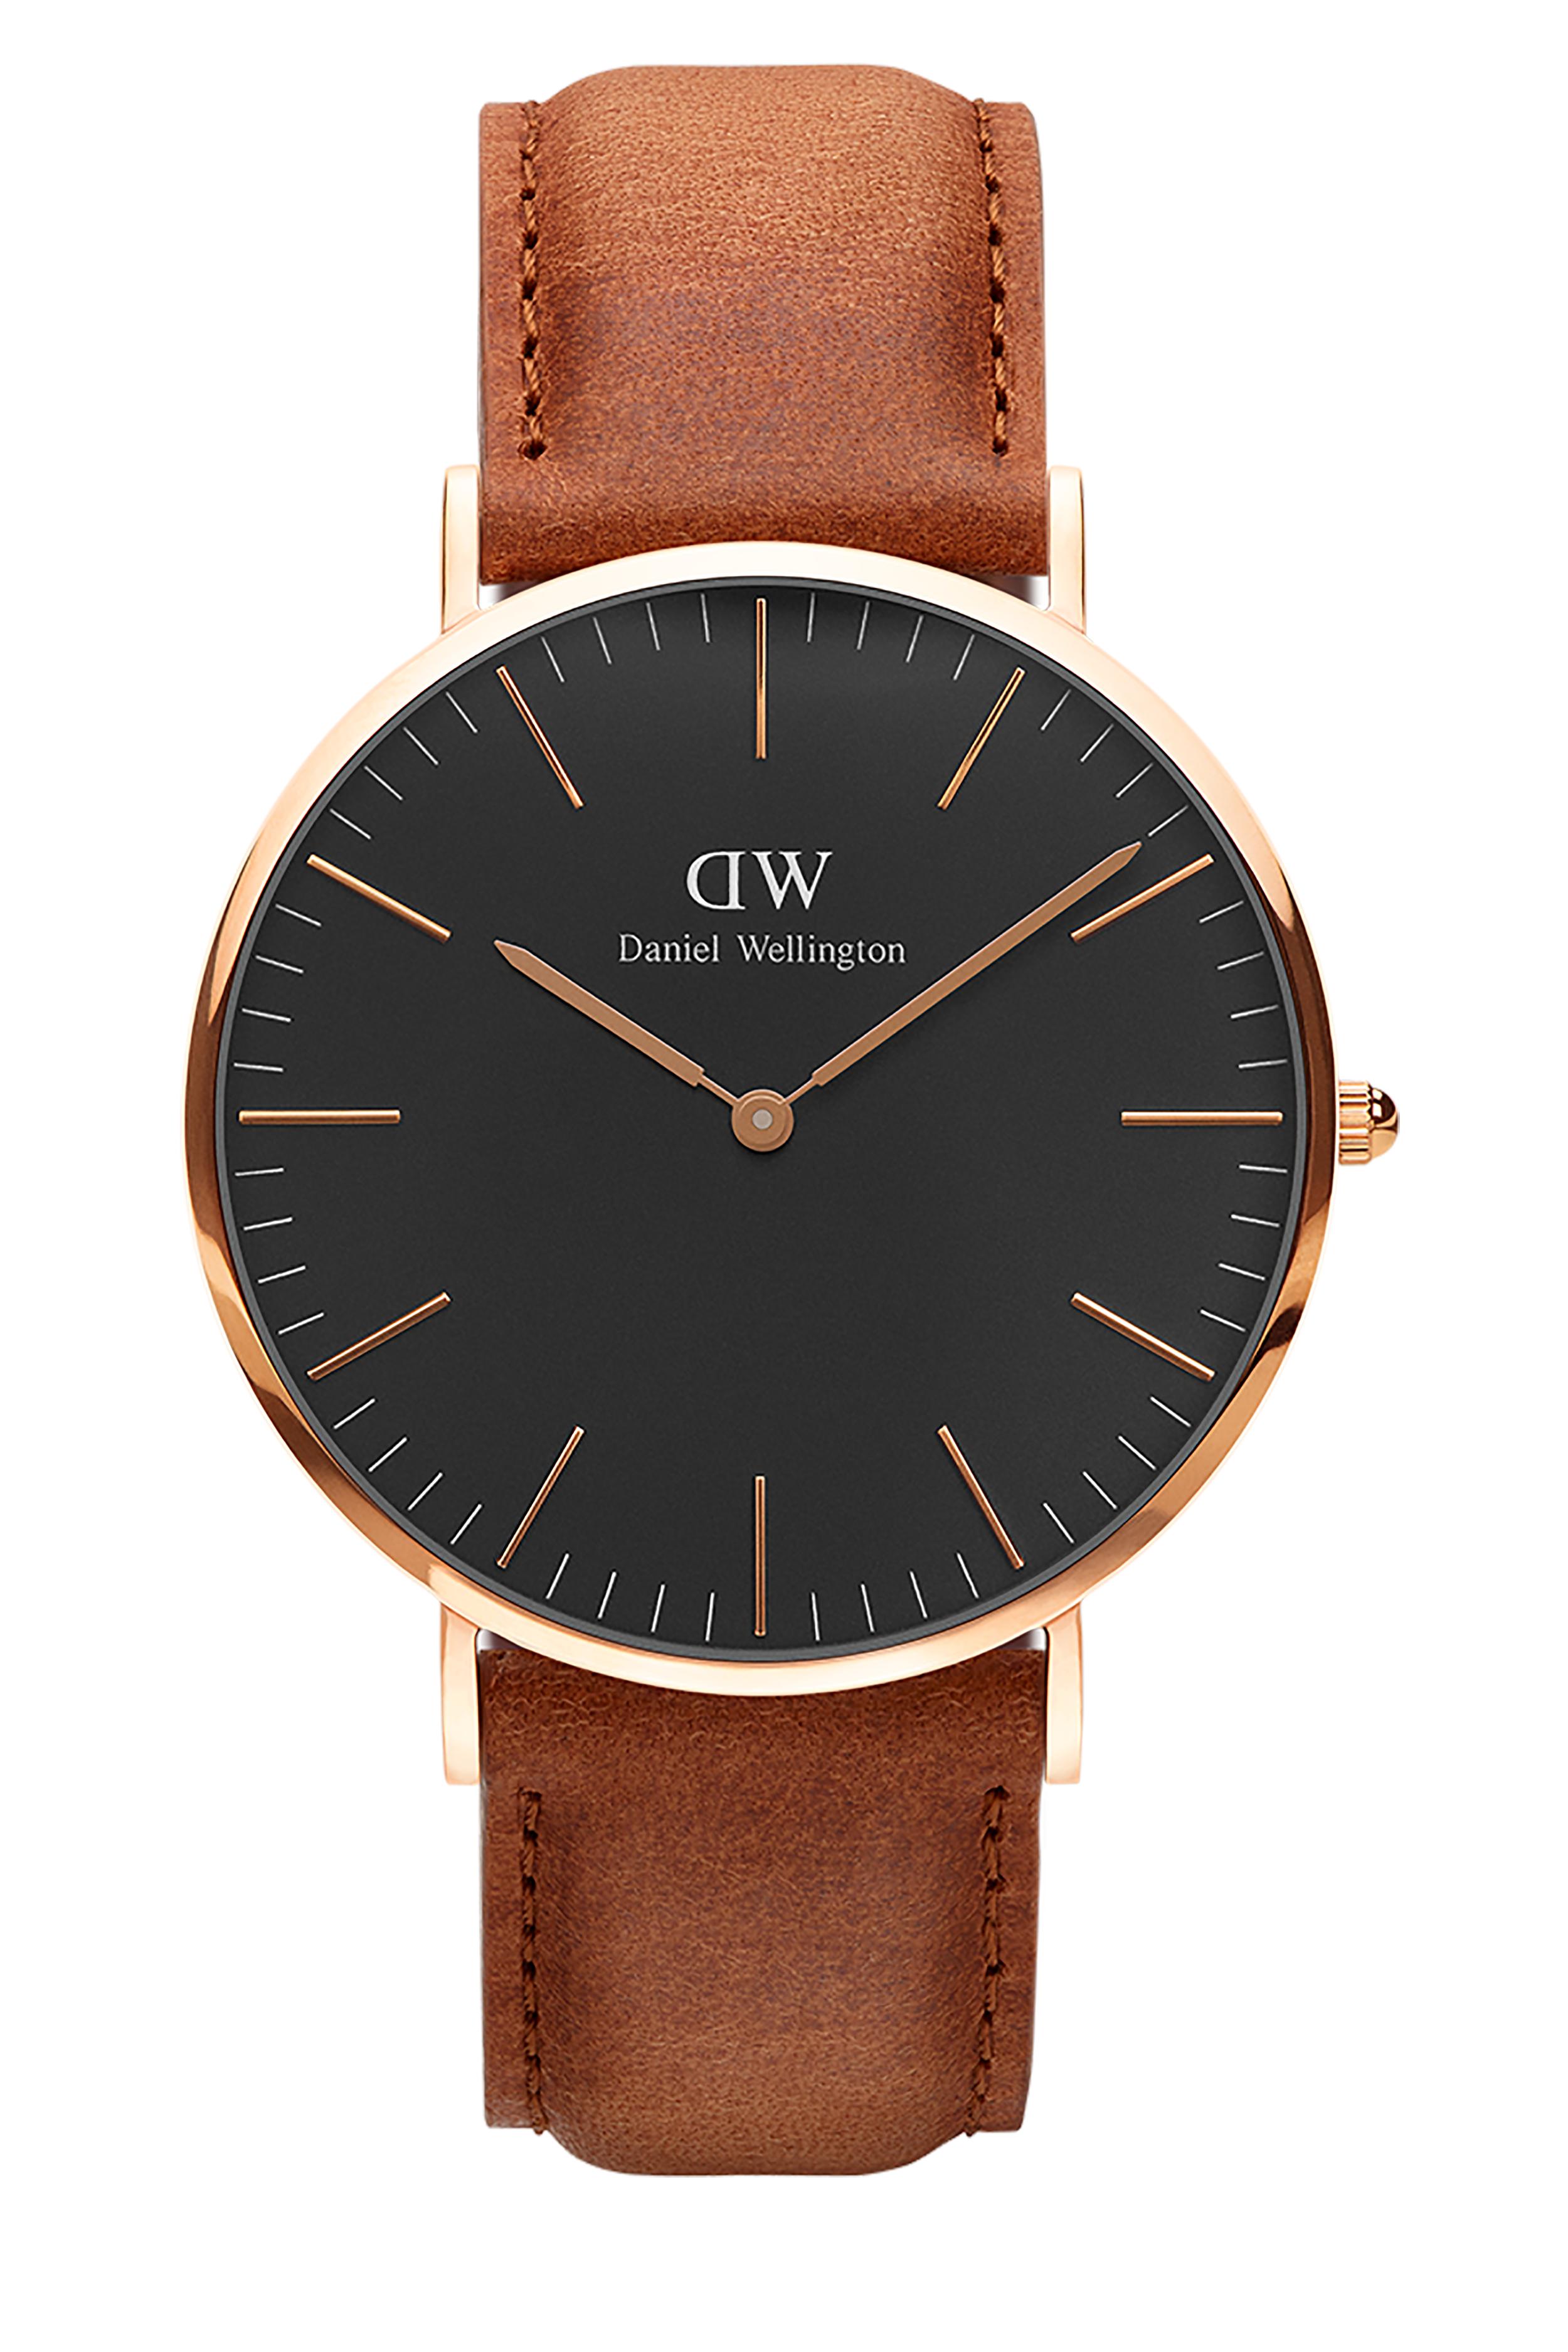 835a373f3ac1 Daniel Wellington Inc. Classic Black Durham 40mm Watch in Rose Gold ...